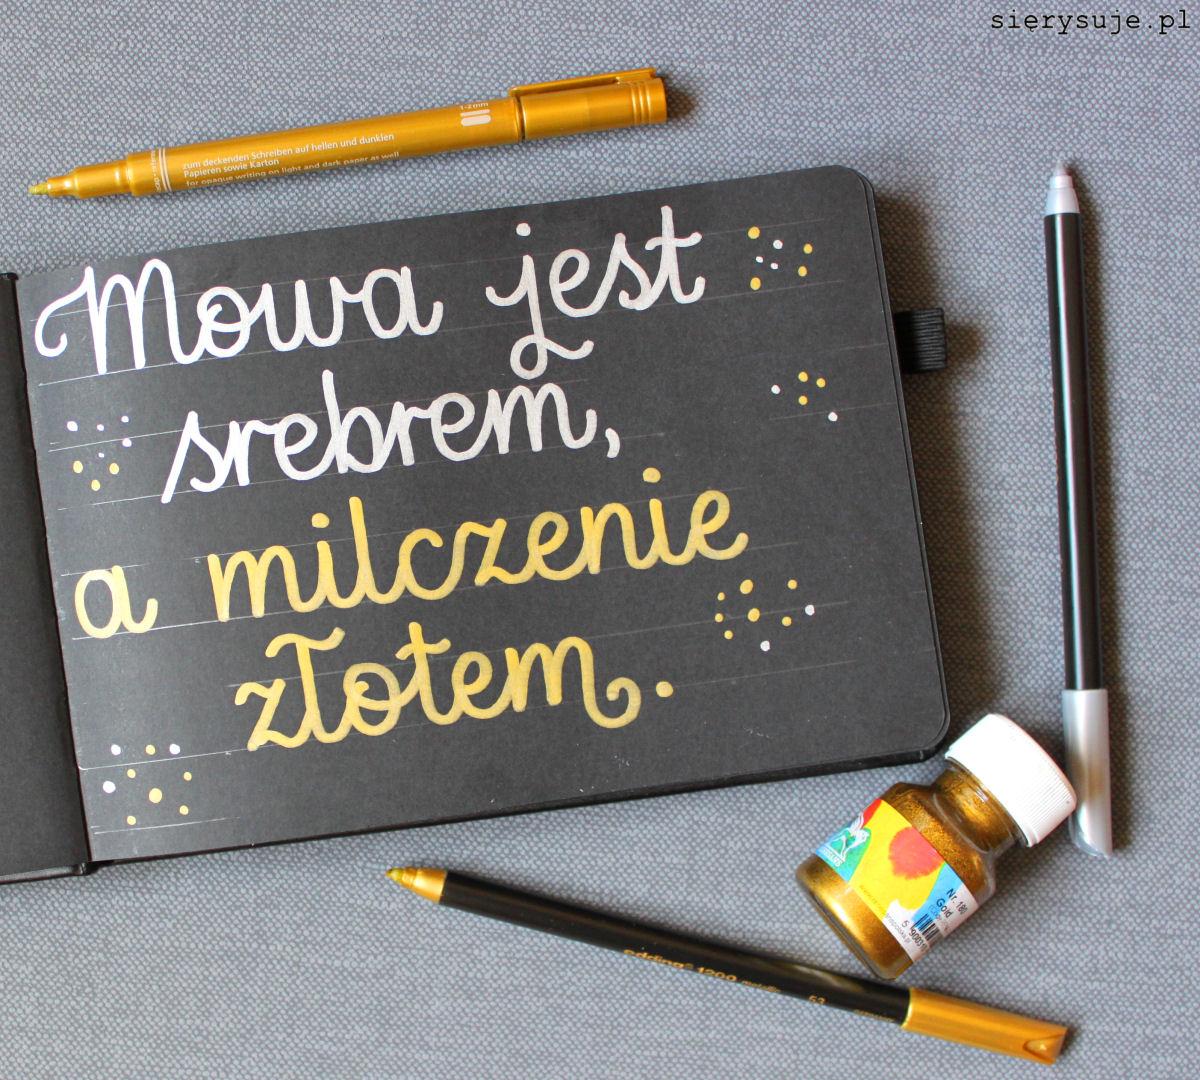 sierysuje.pl kaligrafia monoliniowa pisakiem